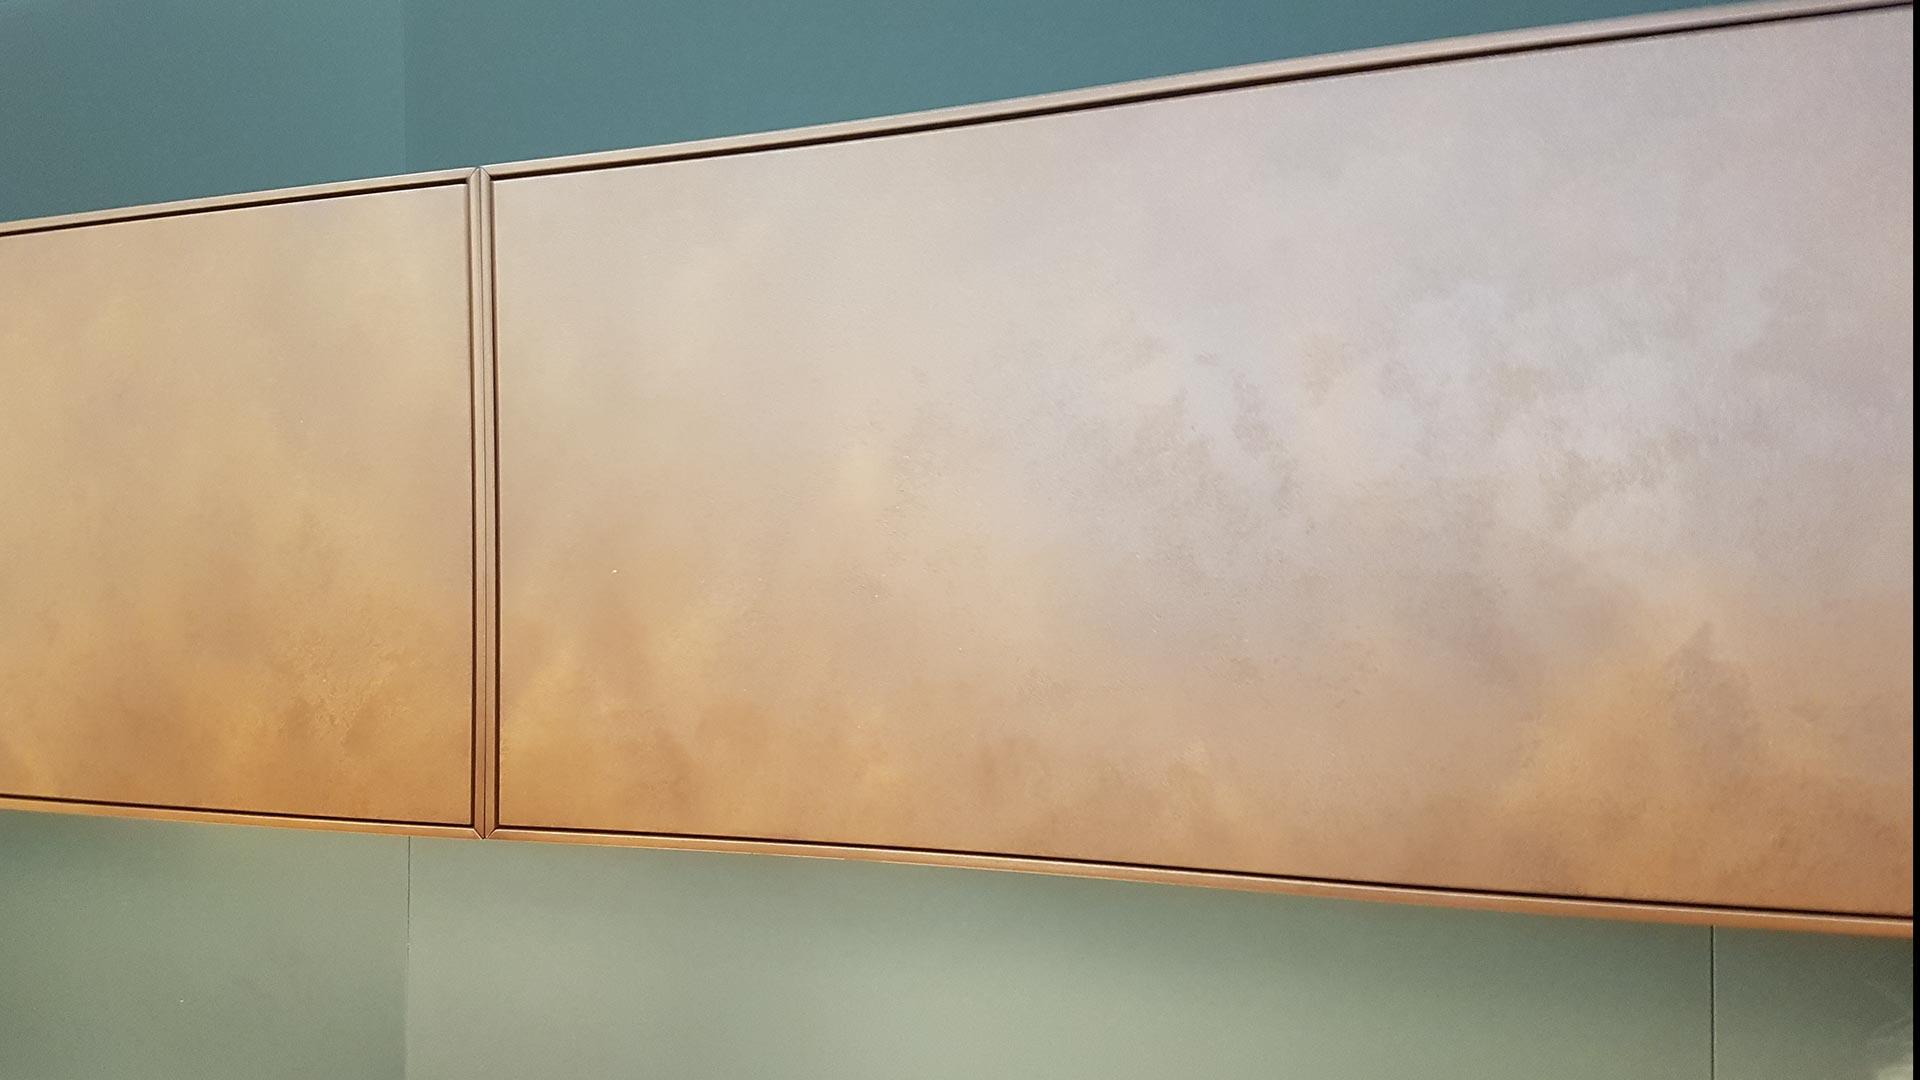 Effektvoll und robust mit einer spannenden Geschichte: Holz in Rost-Optik mit Pulverbeschichtung